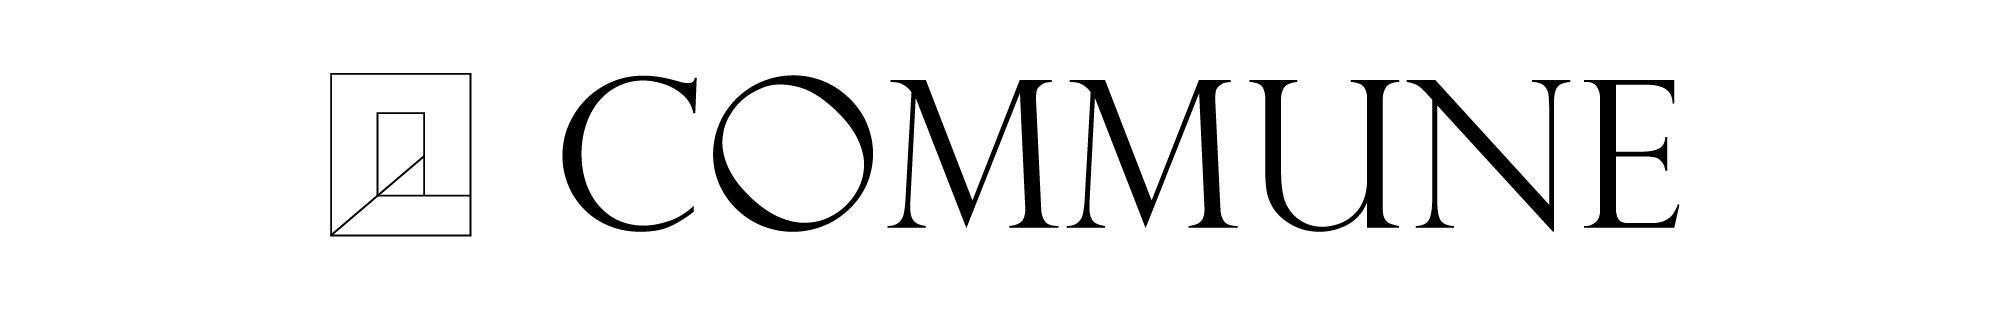 180321_Commune_LogoLeftofWordmark.jpg